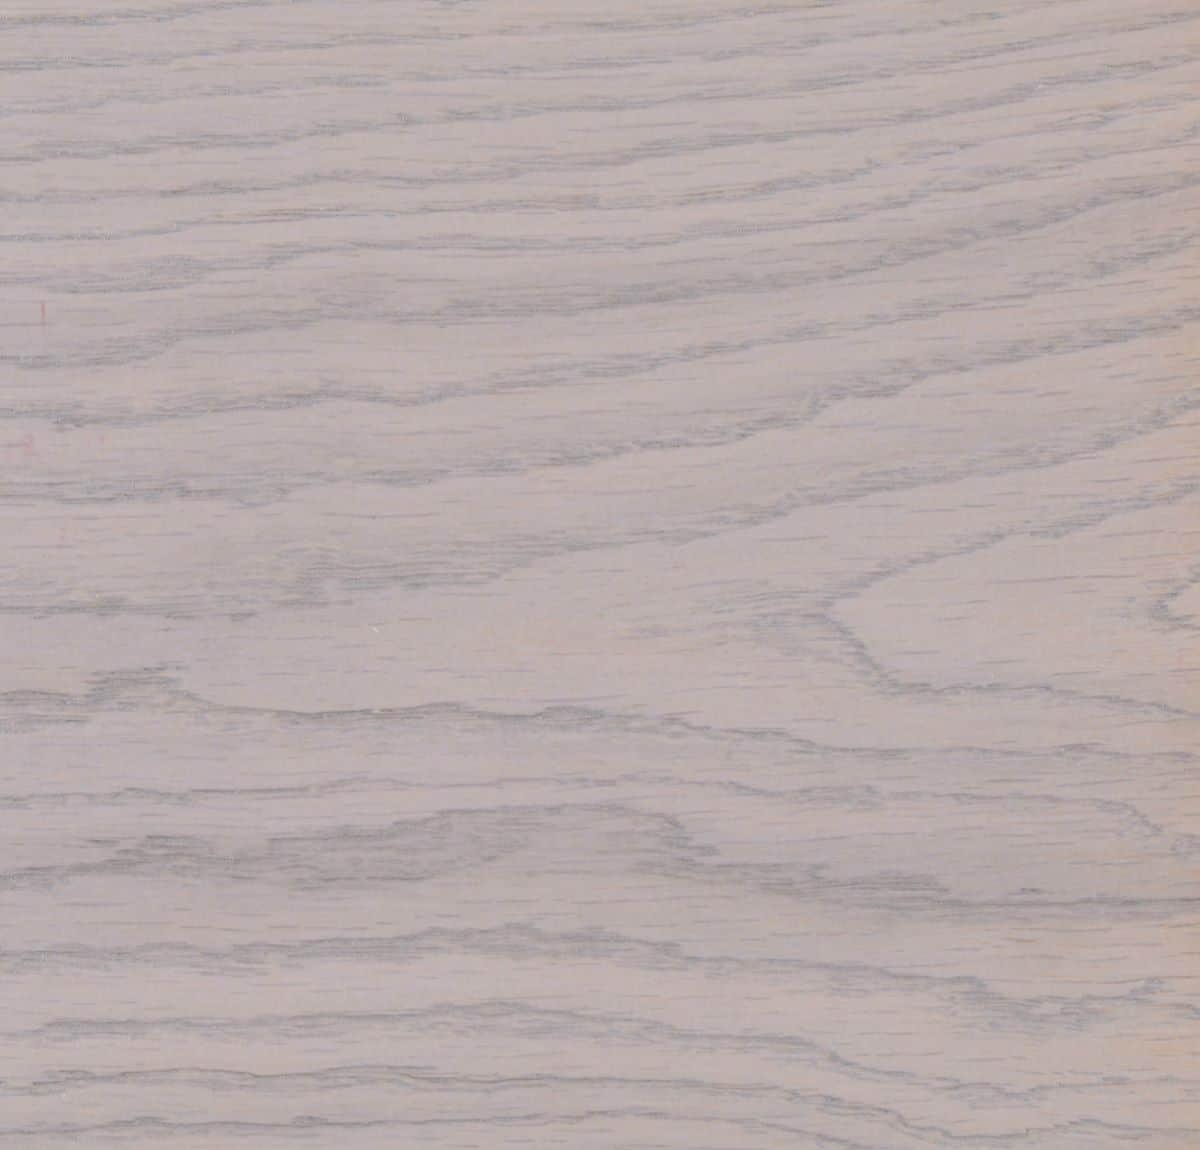 OAK - RHODES wood flooring dubai